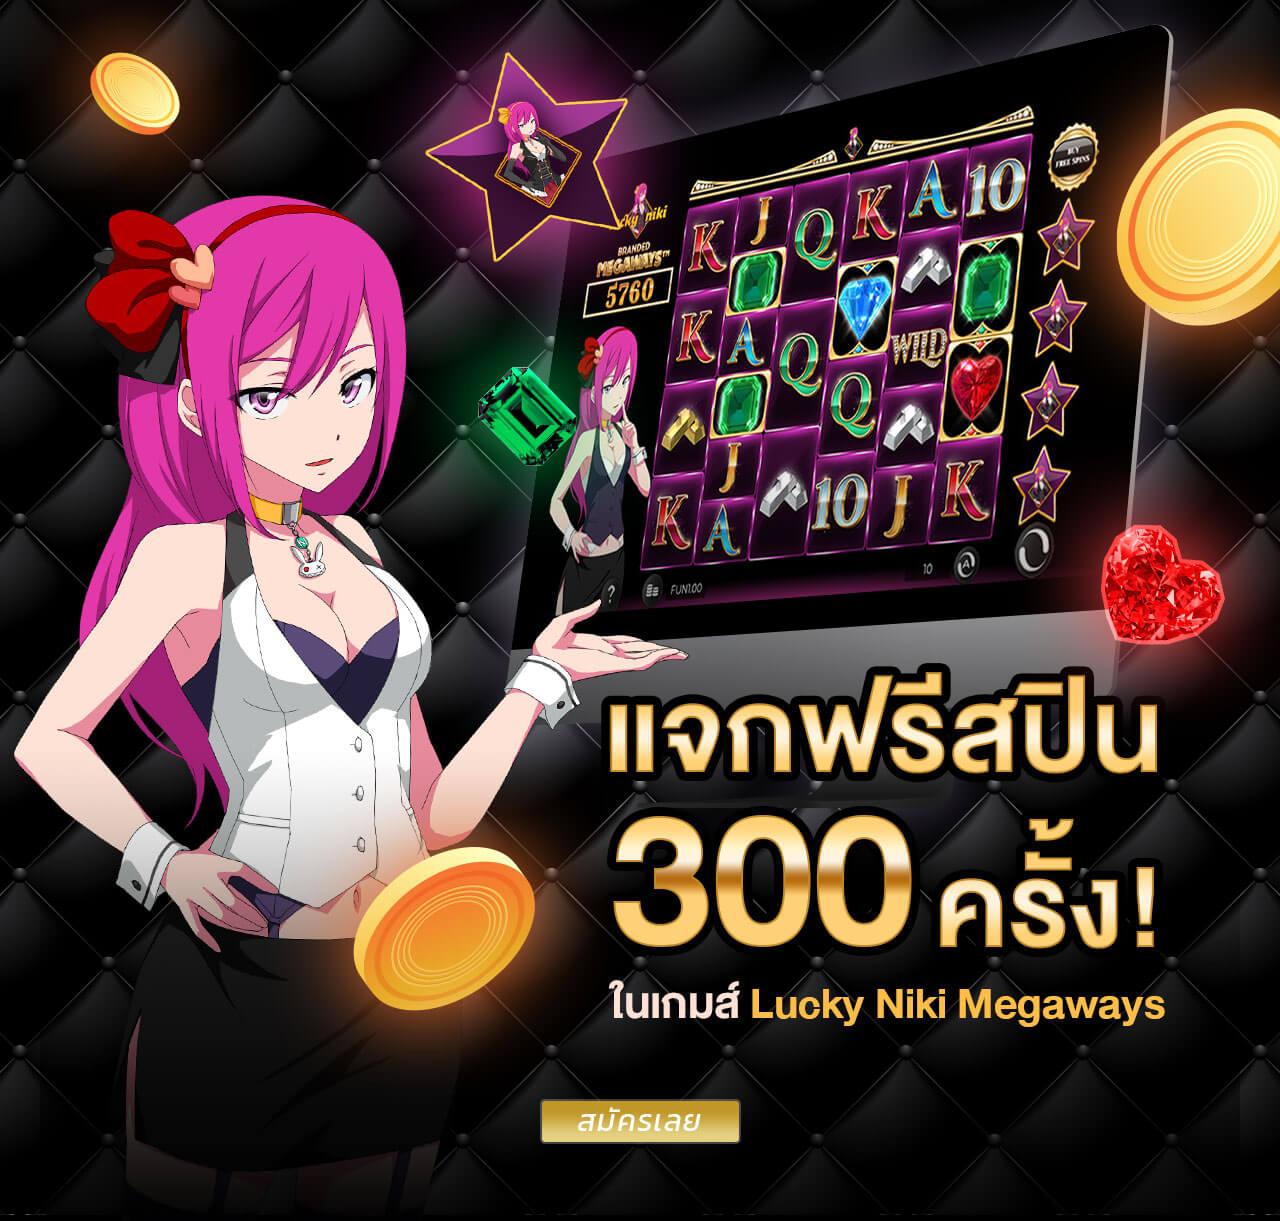 แจกฟรีสปิน 300 ครั้ง! ในเกม LuckyNiki Megaways